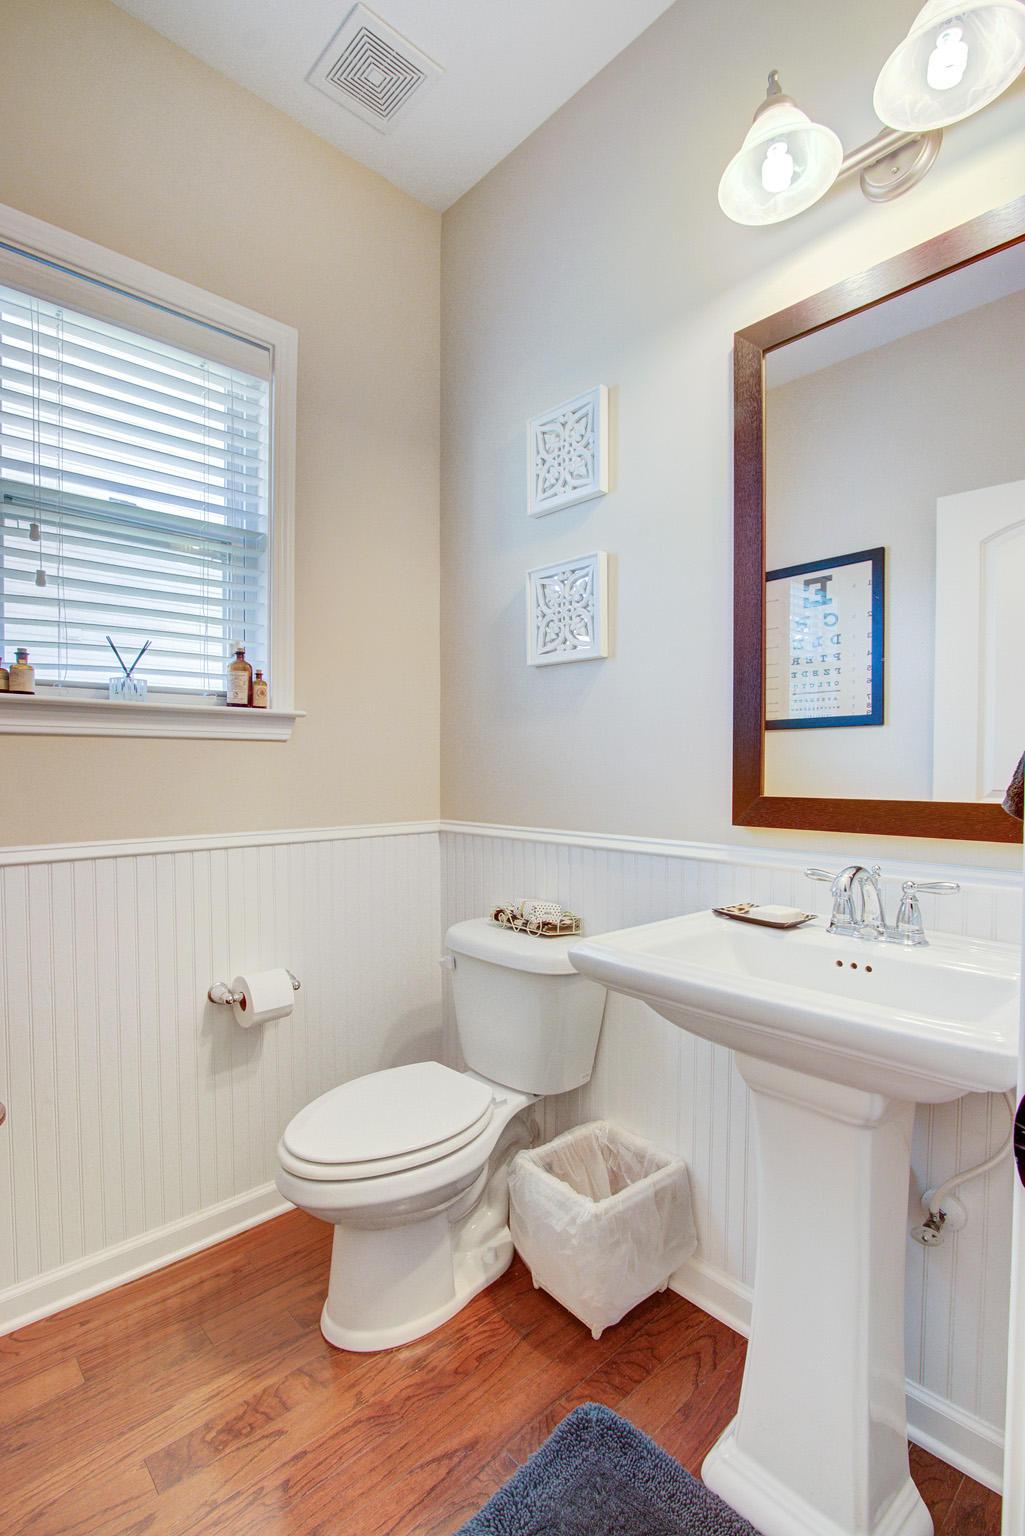 Sunnyfield Homes For Sale - 203 Medford, Summerville, SC - 31